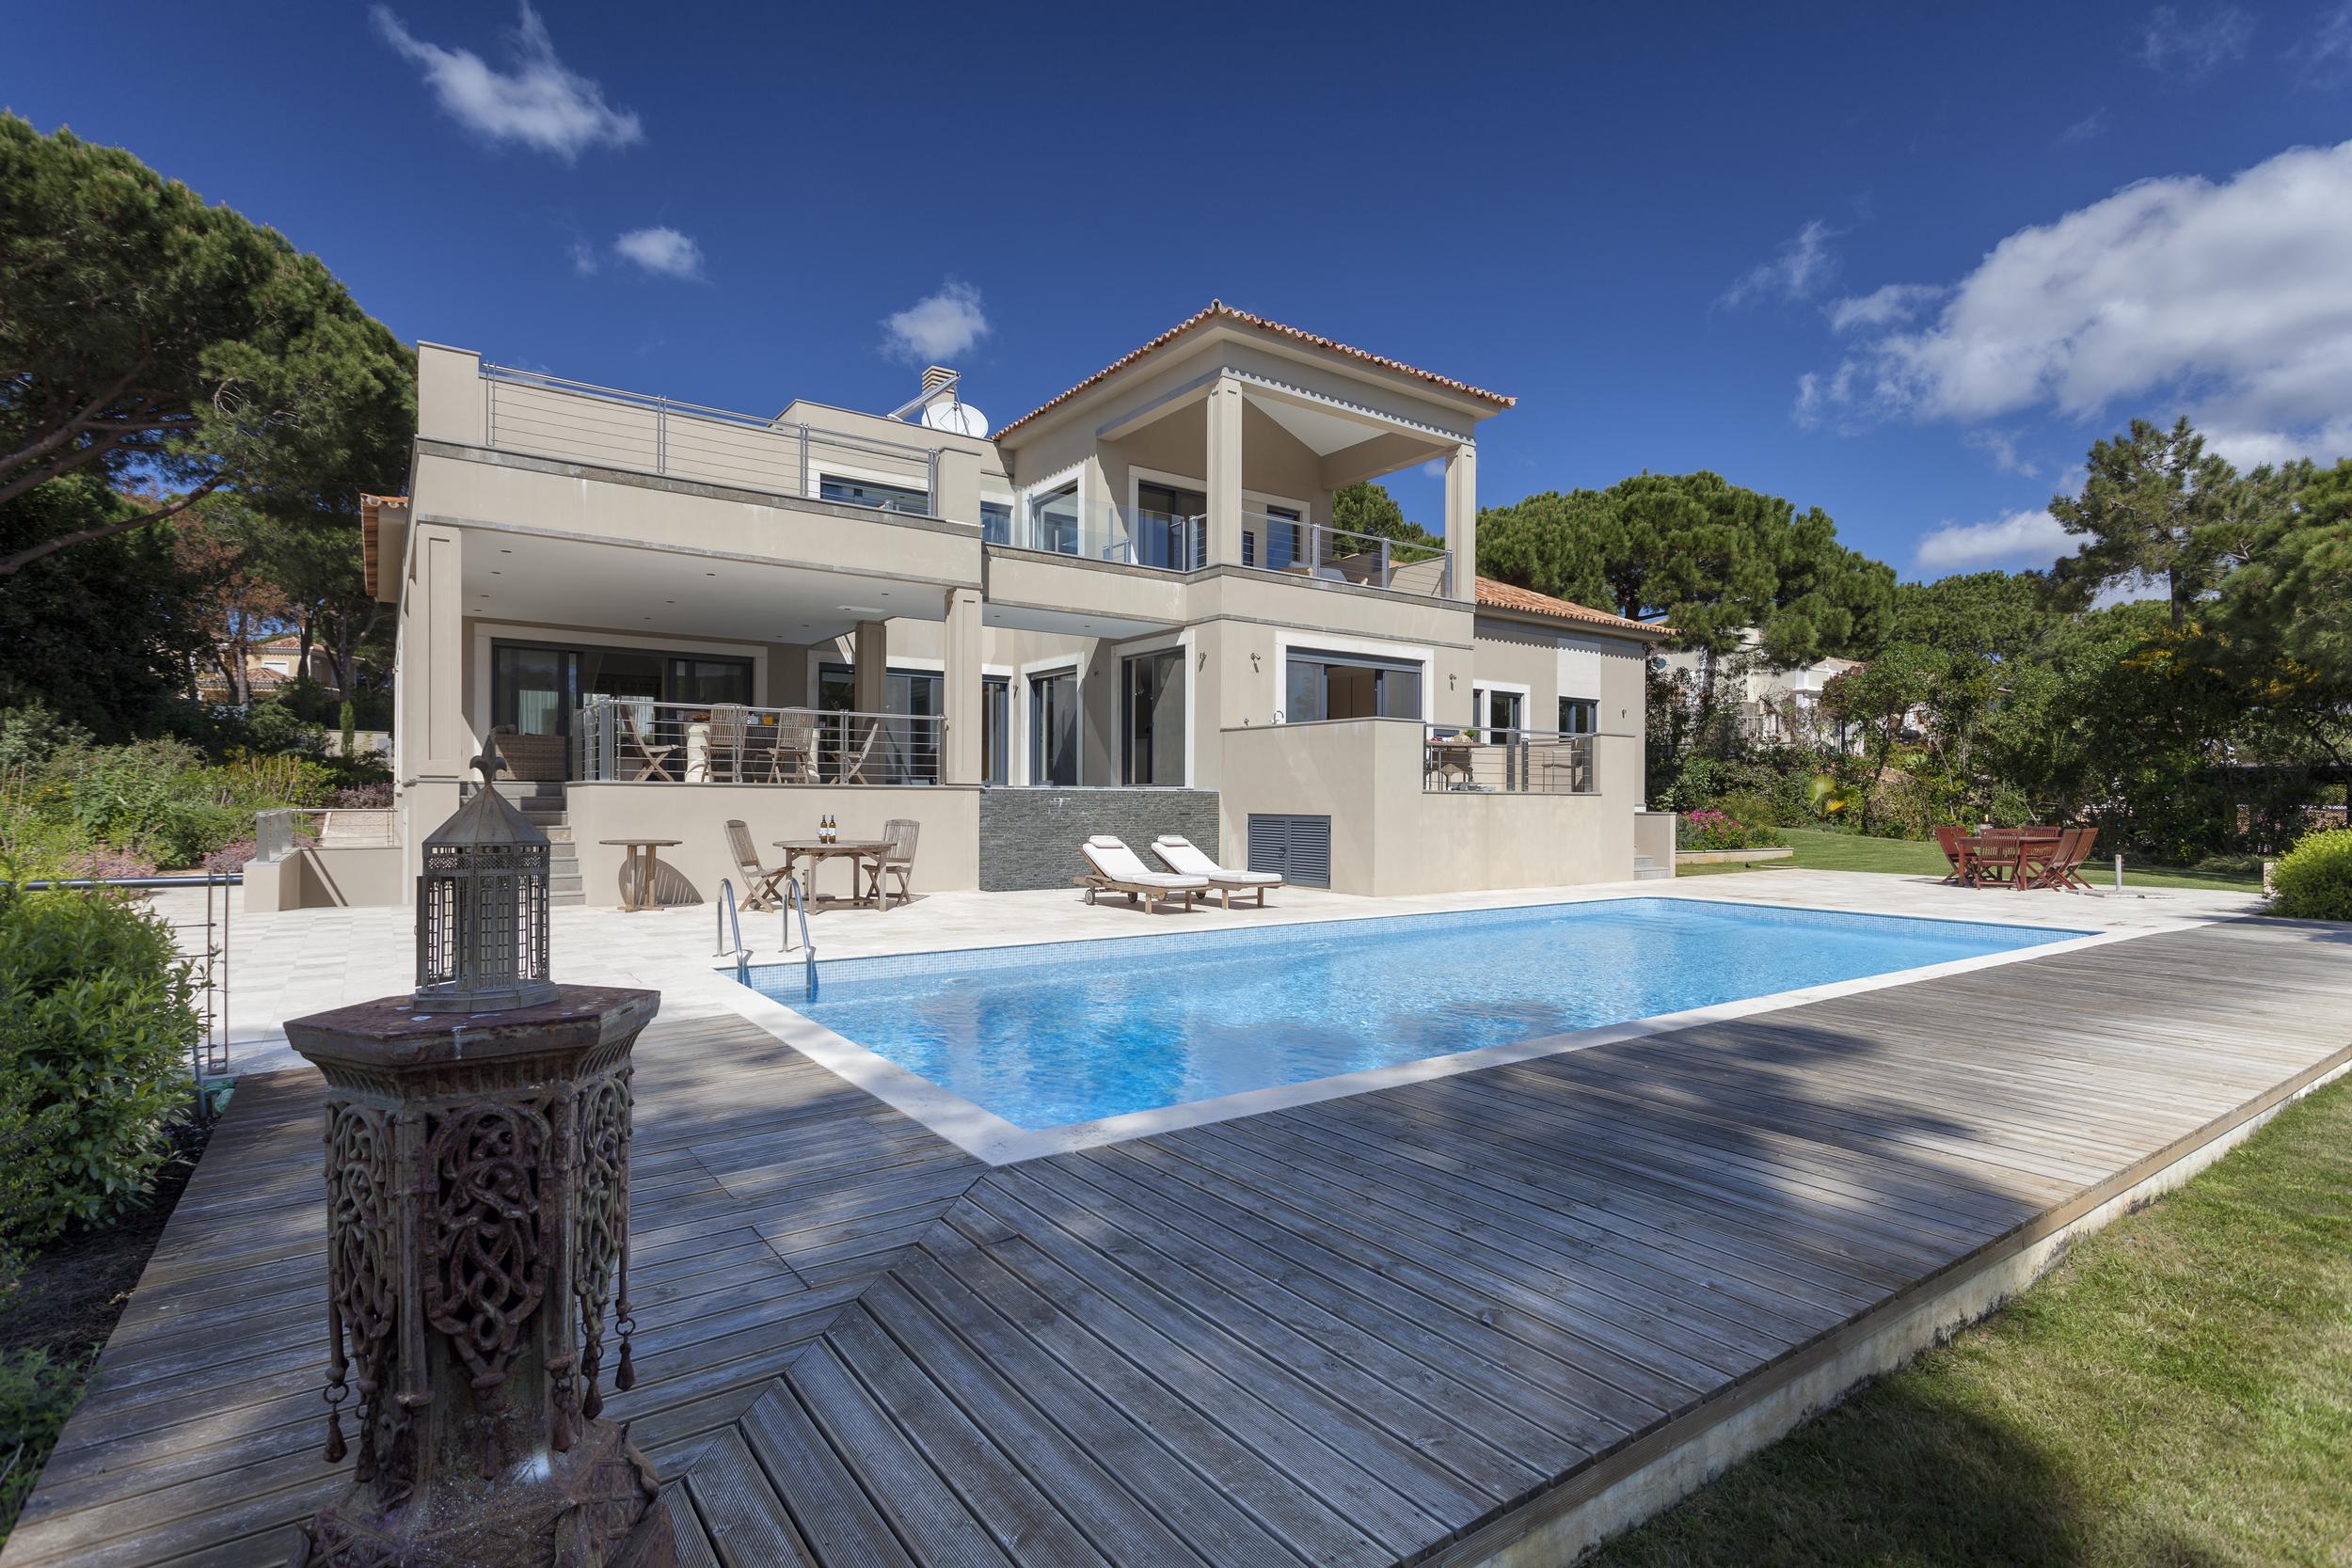 4 bedroom villa to rent in Quinta do Lago, RLV, Villa Serpentine, villa and pool.jpg